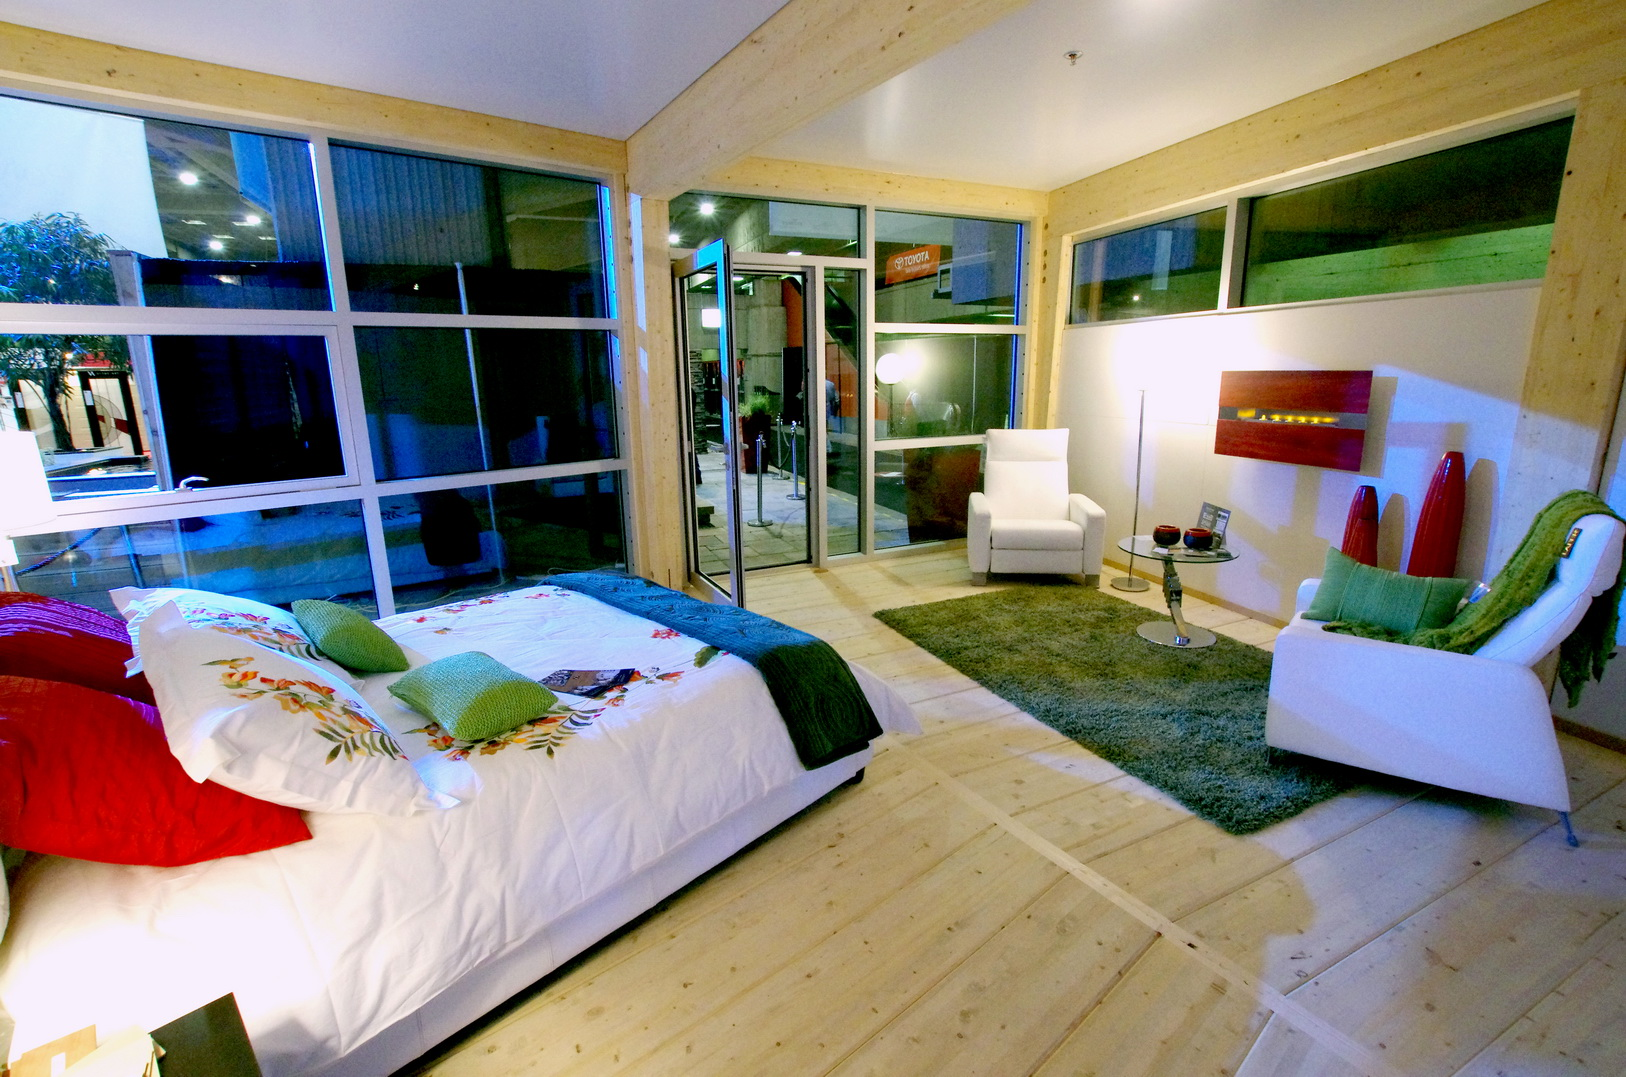 habitation et tendances les beaut s de montr al. Black Bedroom Furniture Sets. Home Design Ideas